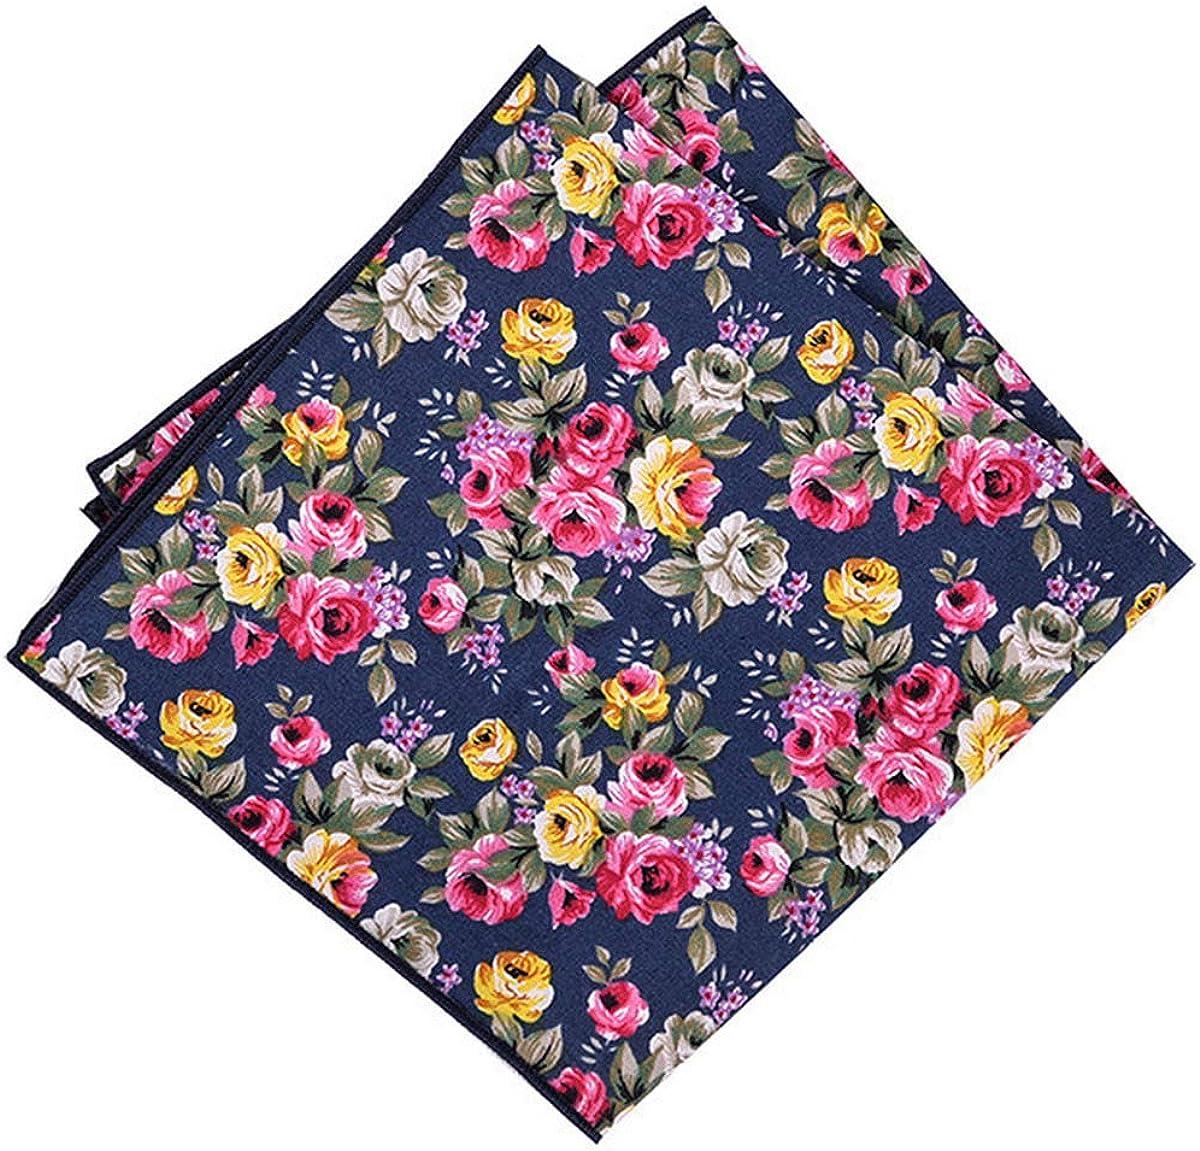 Men's 100% Cotton Retro Floral Handkerchiefs for Casual Business